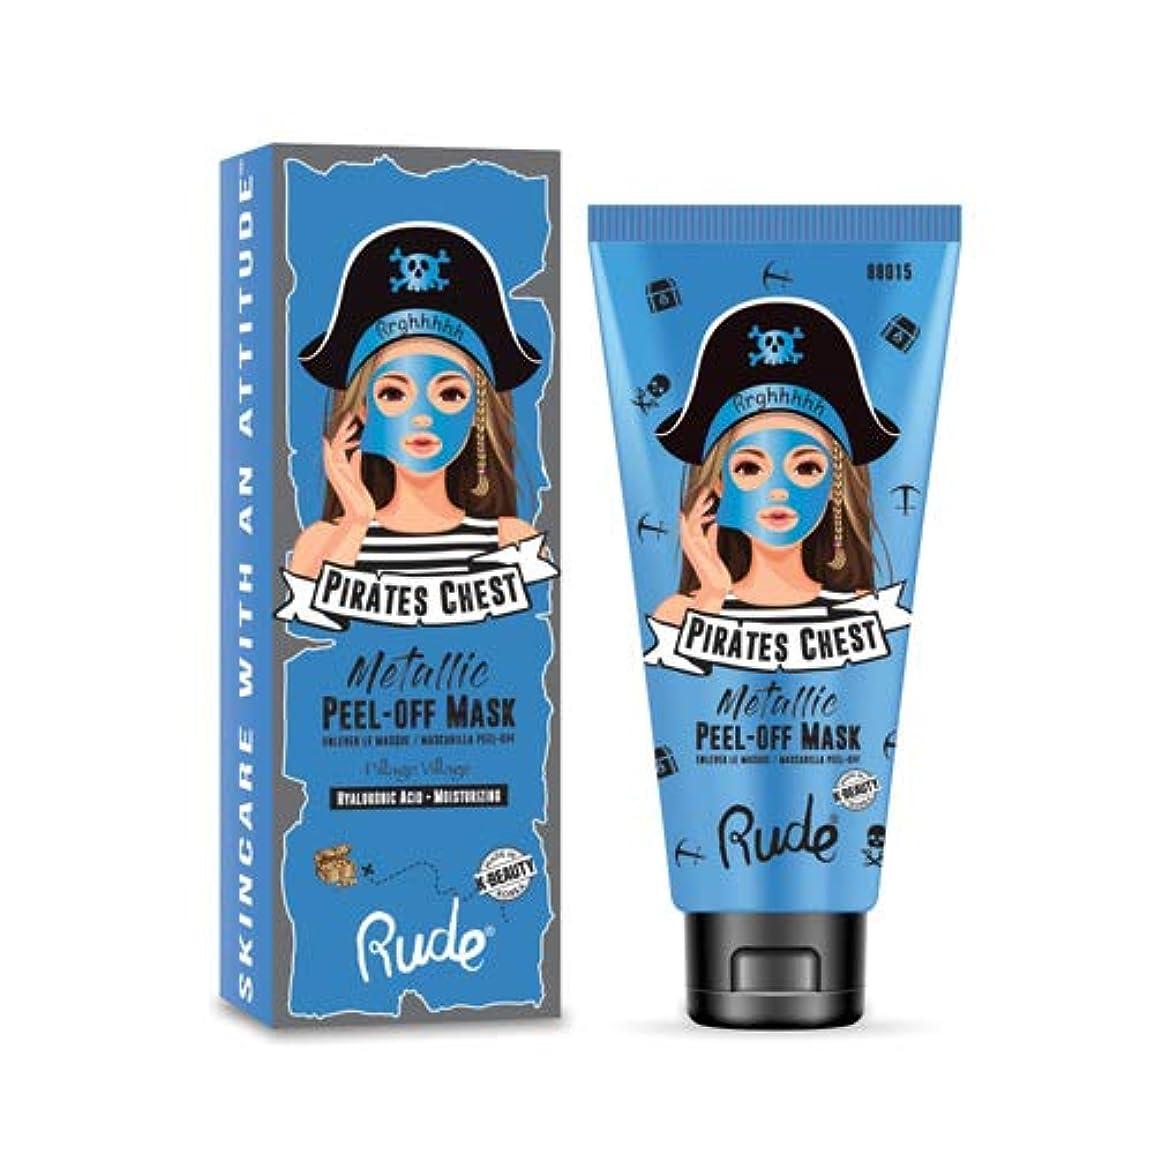 飾る復活曇った(3 Pack) RUDE? Pirate's Chest Metallic Peel-off Mask - Pillage Village (並行輸入品)